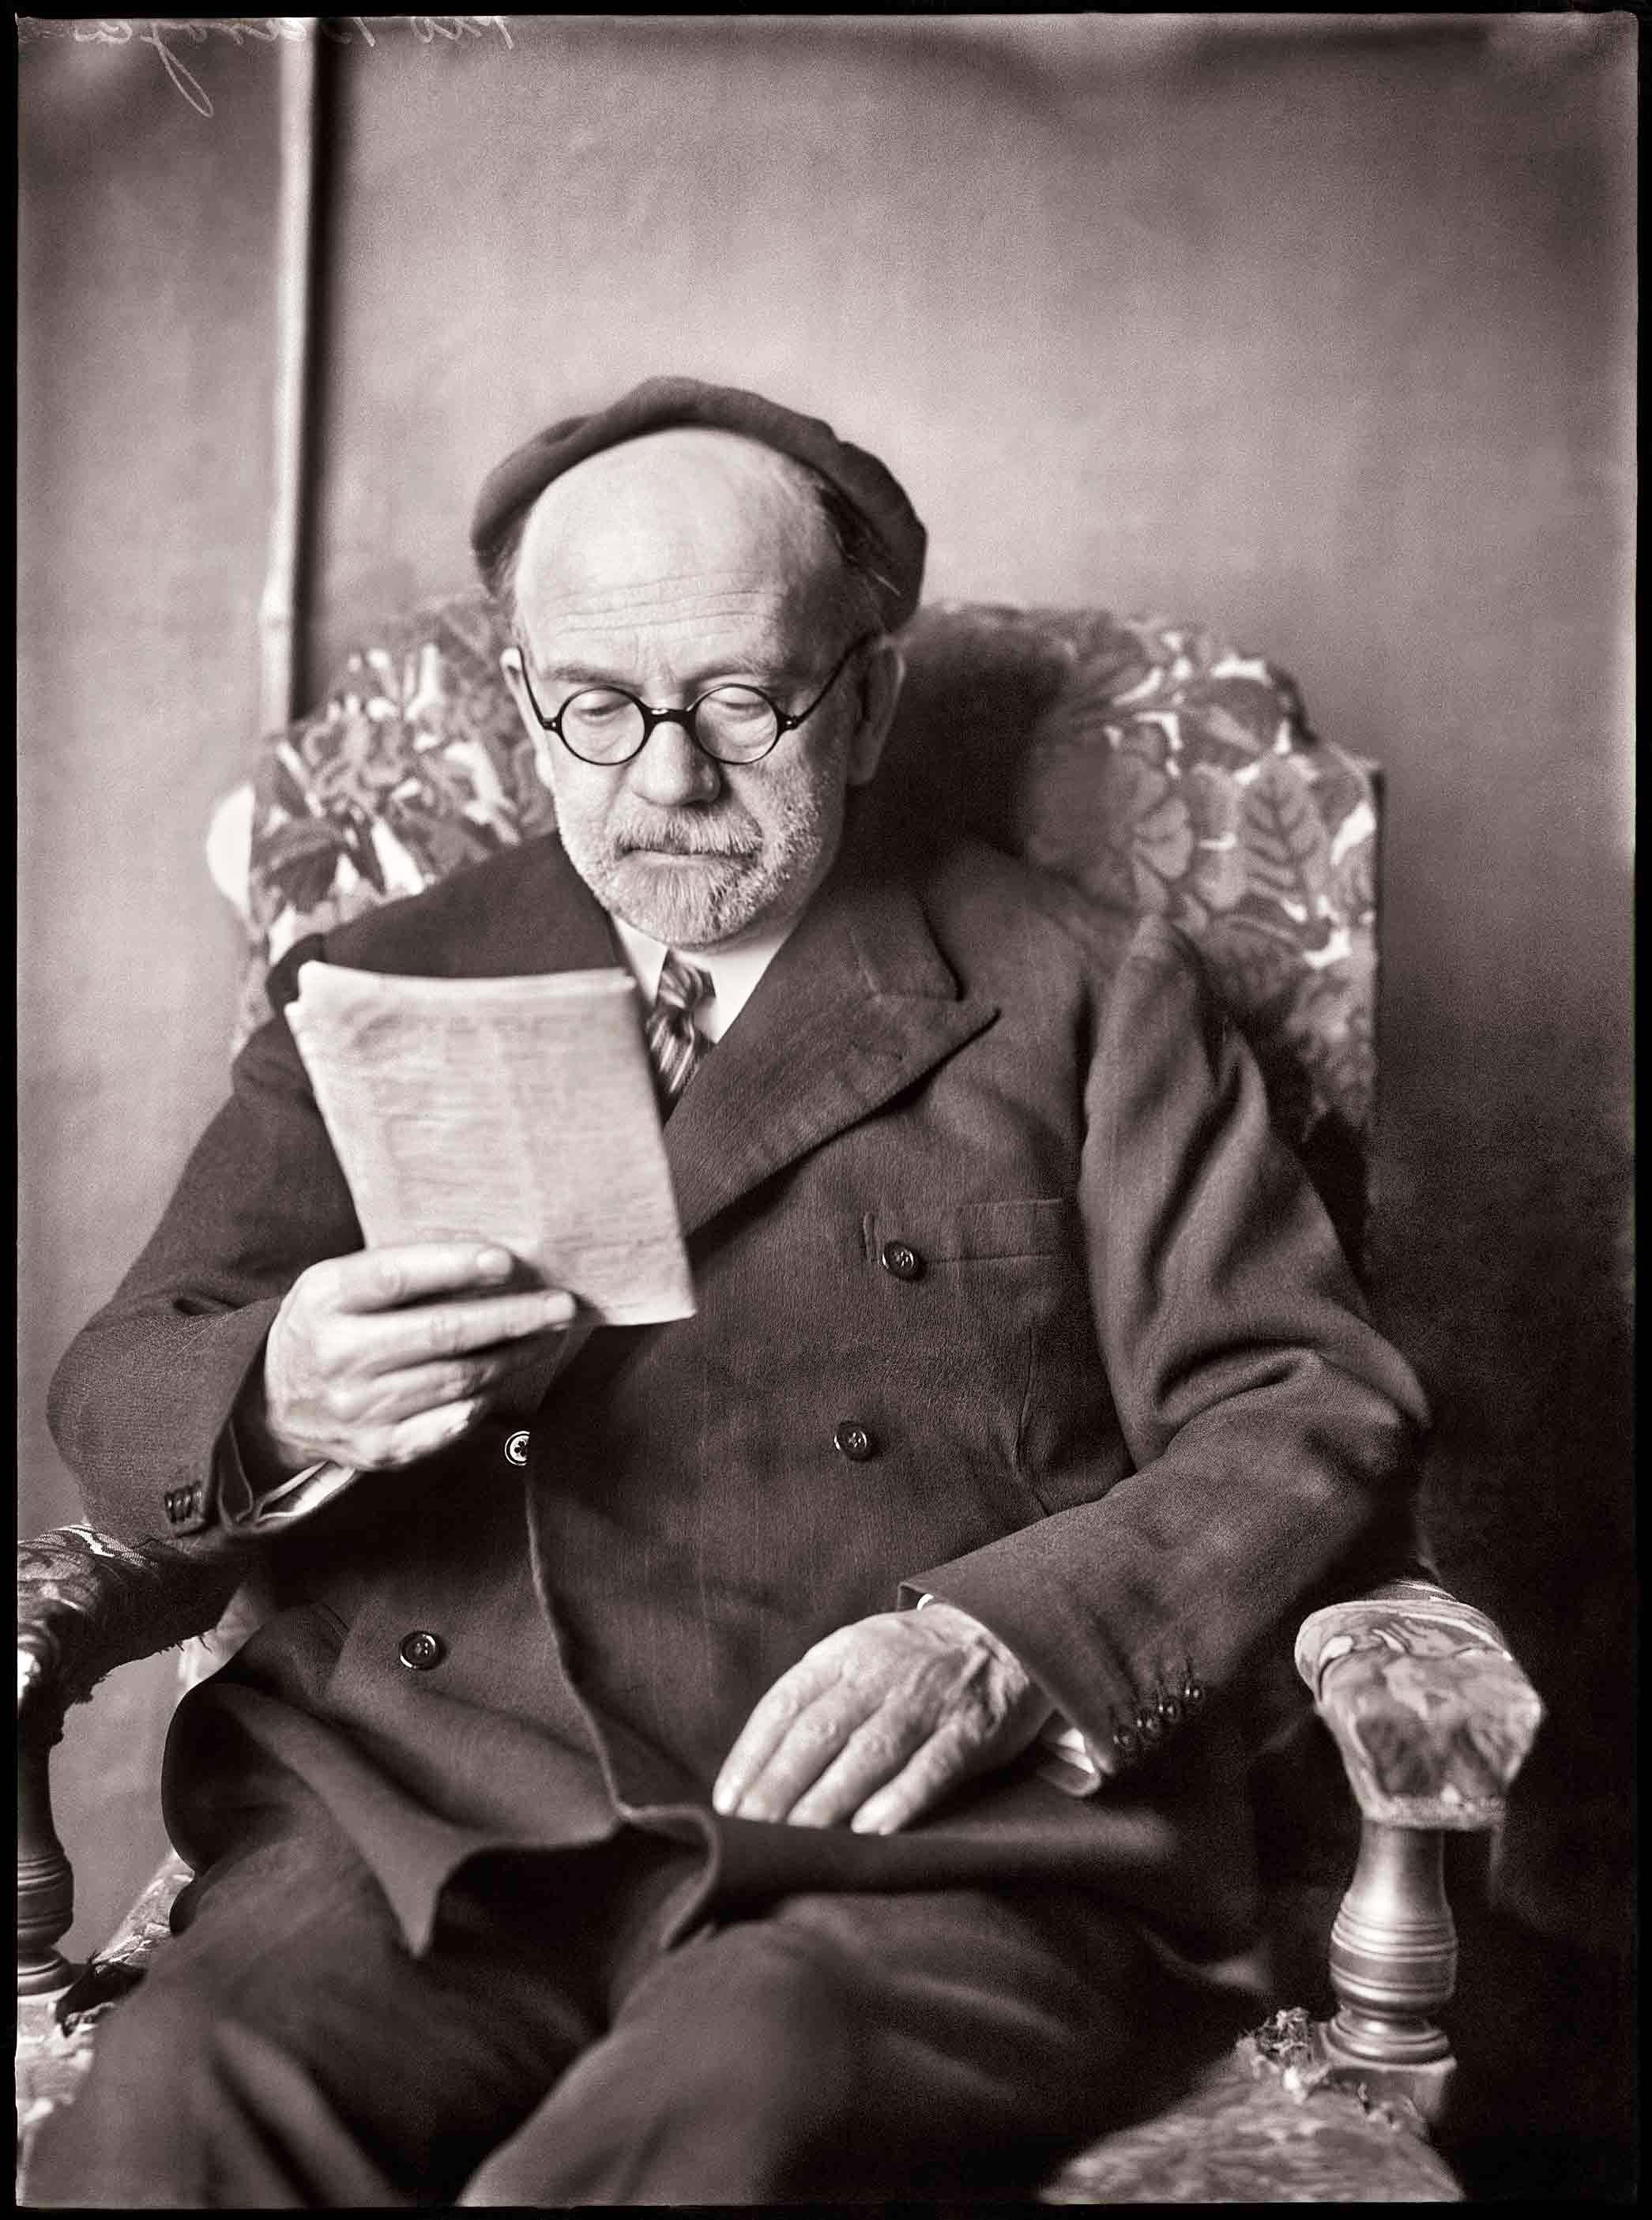 MORENO, Retrato de Pío Baroja. c. 1930. Instituto del Patrimonio Cultural de España, MECD